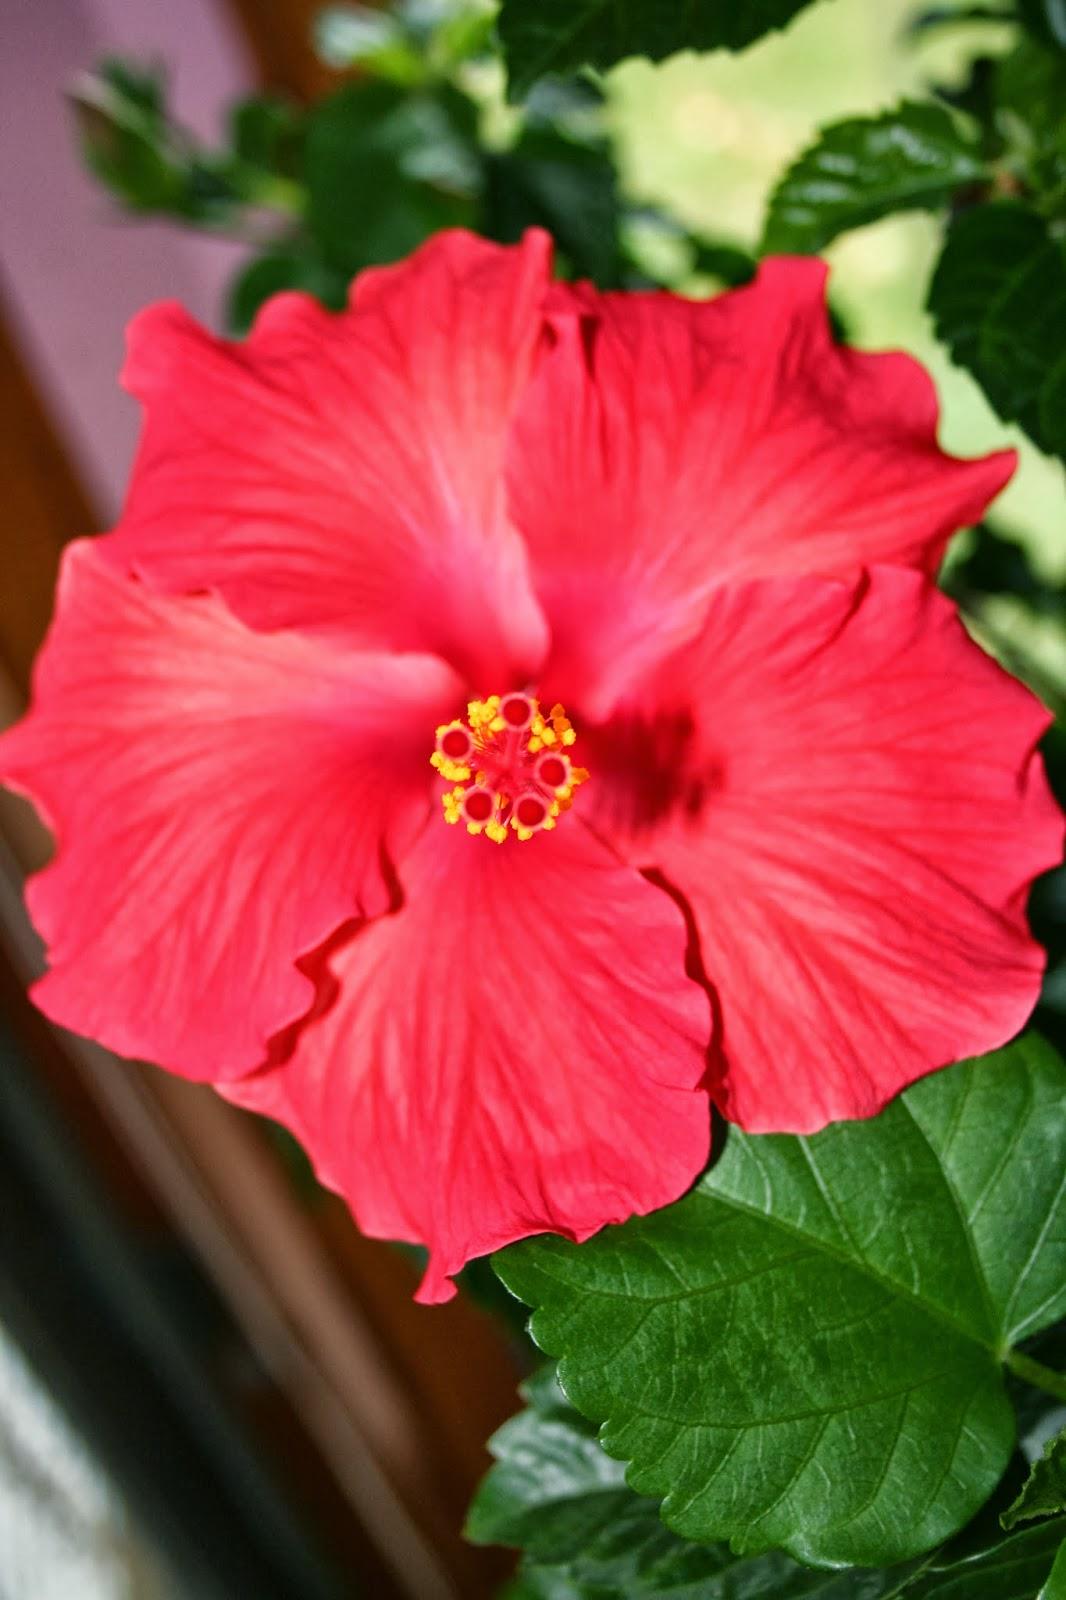 Tammys Craft Emporium Hibiscus Blooms And Herbs